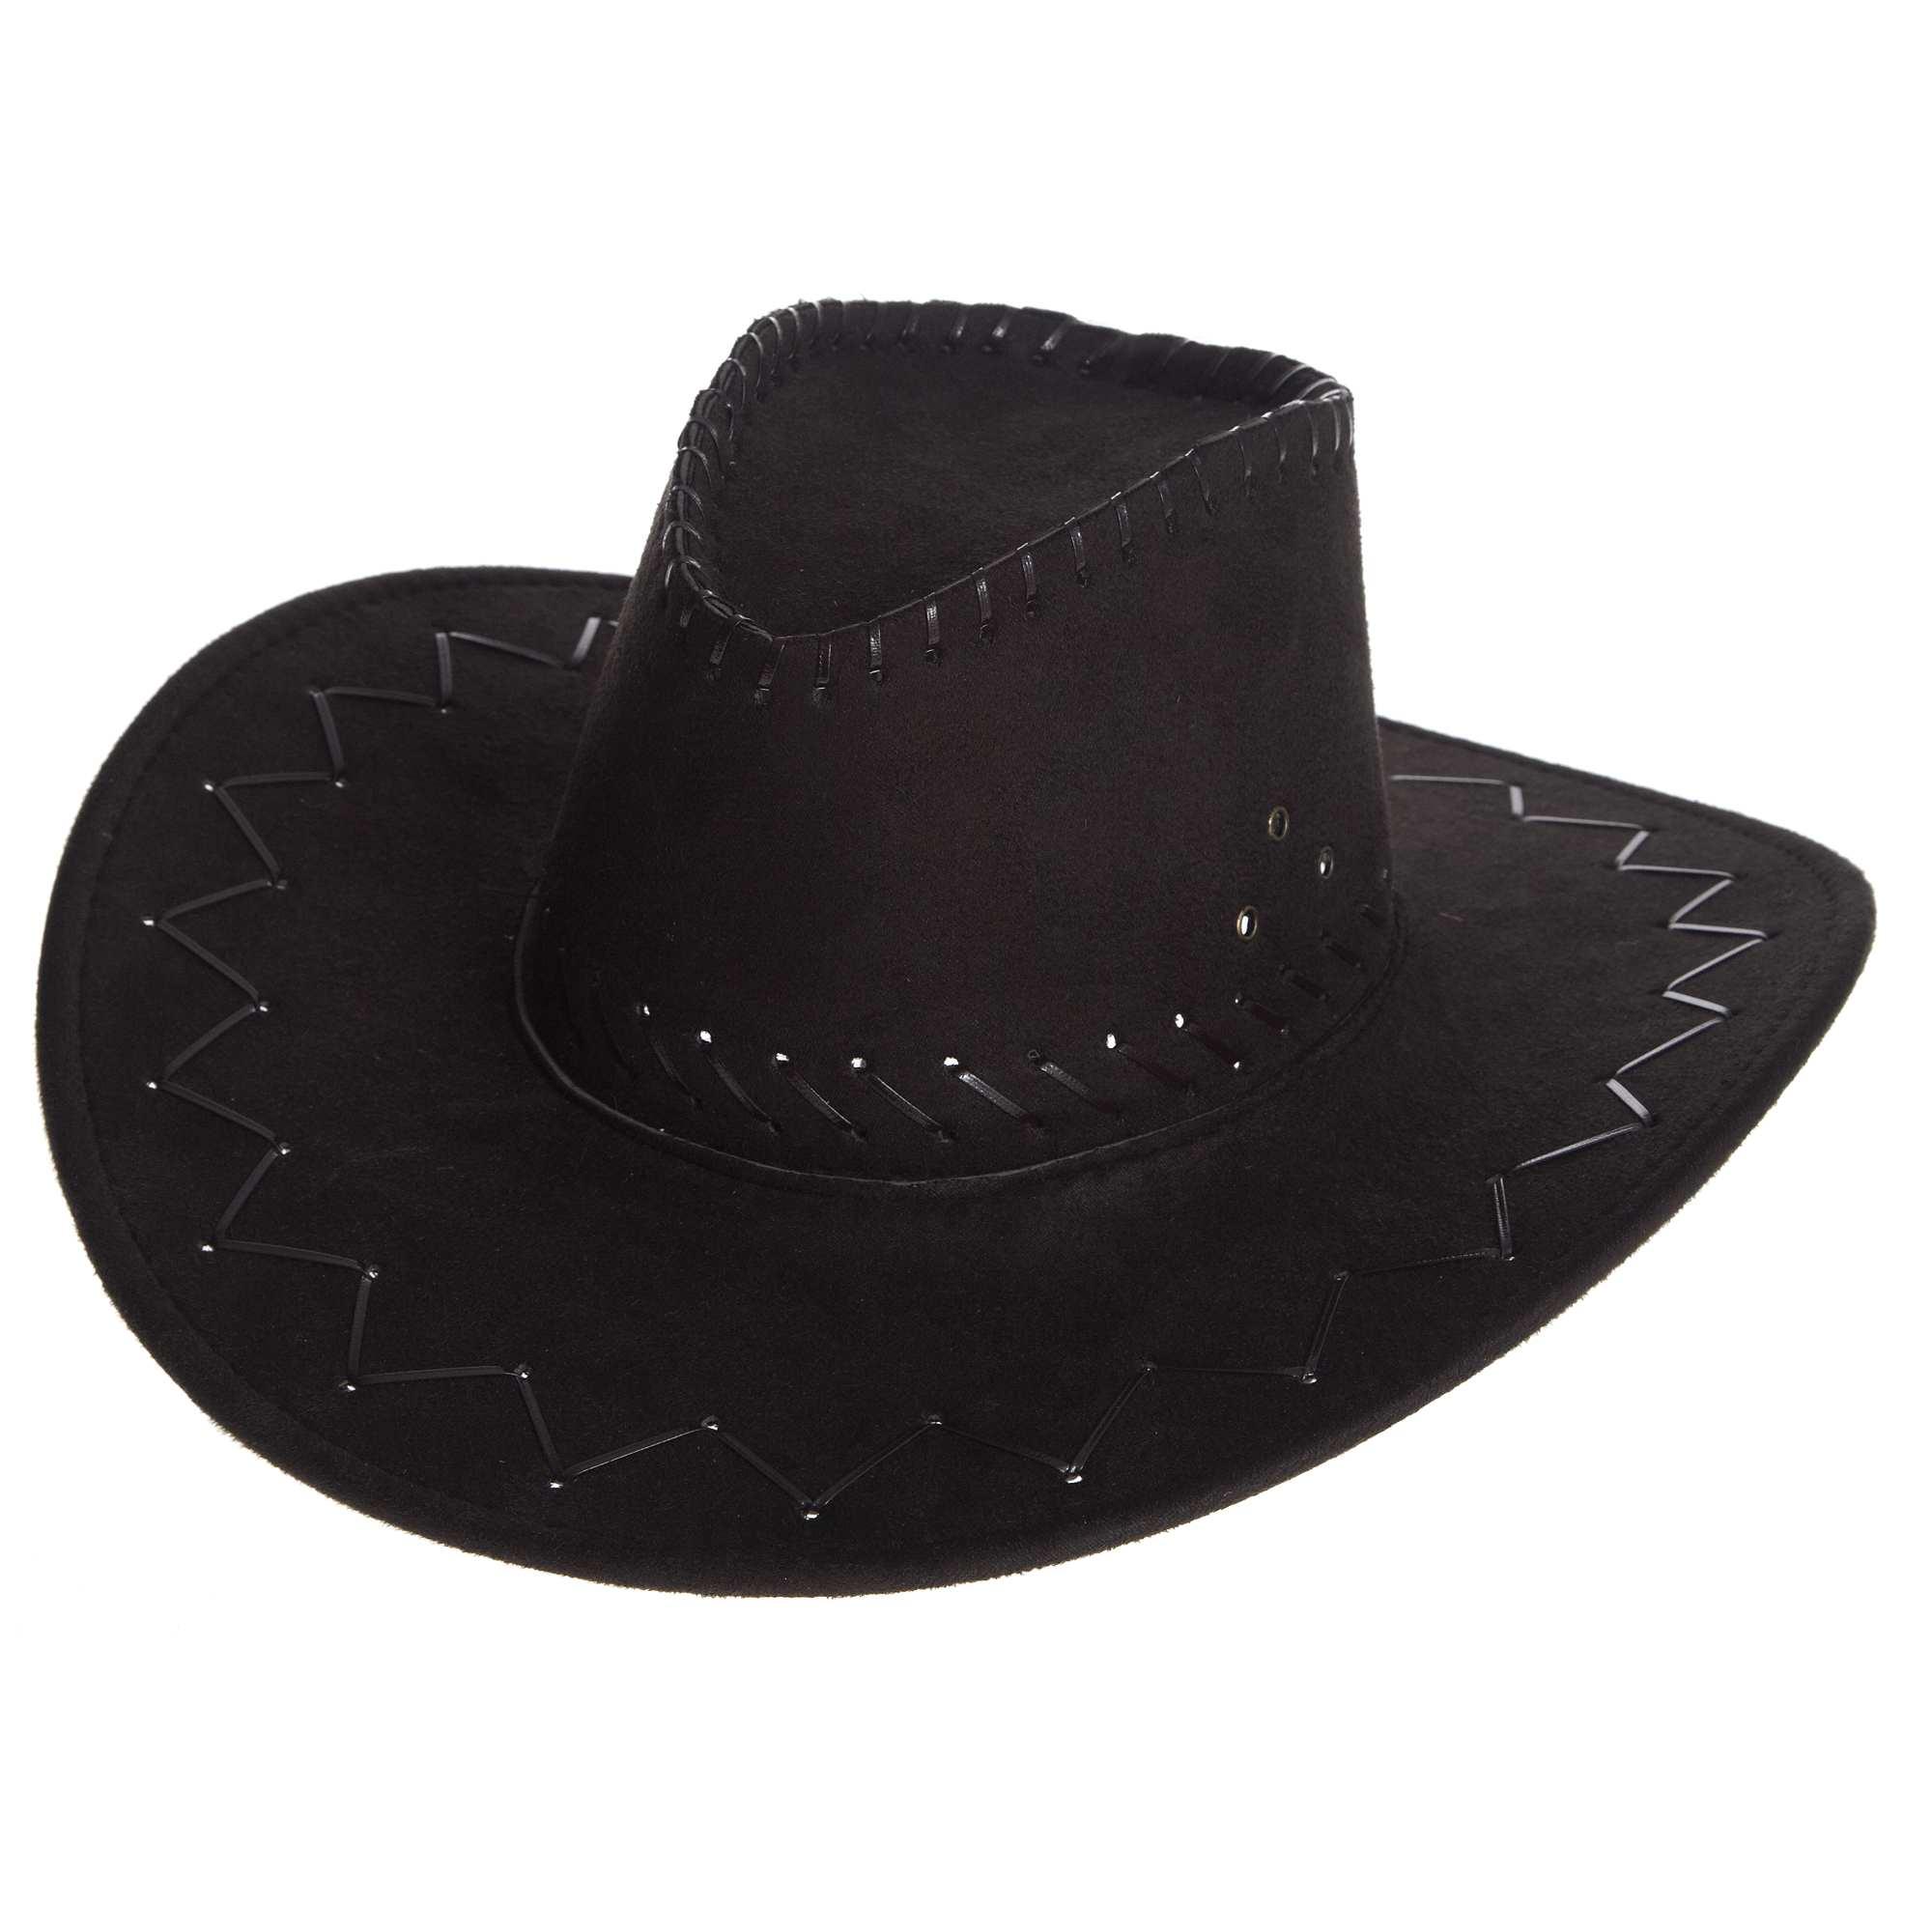 chapeau de cow boy homme kiabi 5 00. Black Bedroom Furniture Sets. Home Design Ideas